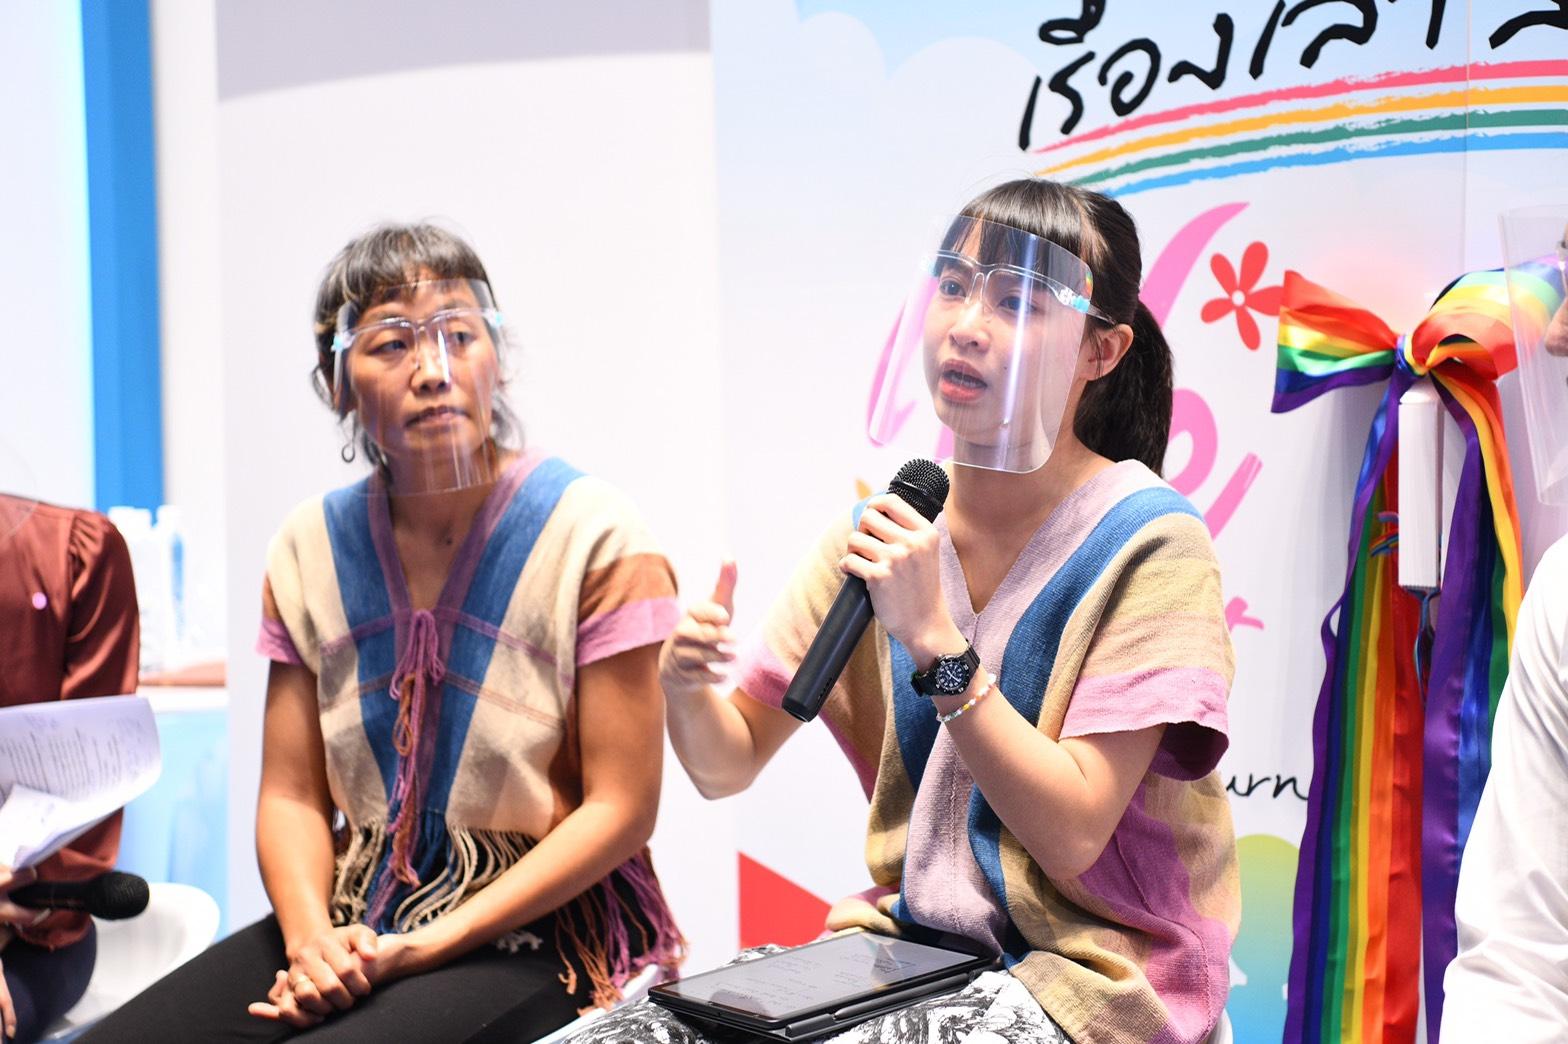 เปิดตัวคู่มือดูแลเด็กหลากหลายทางเพศ ส่งเสริมความรู้สุขภาวะ thaihealth